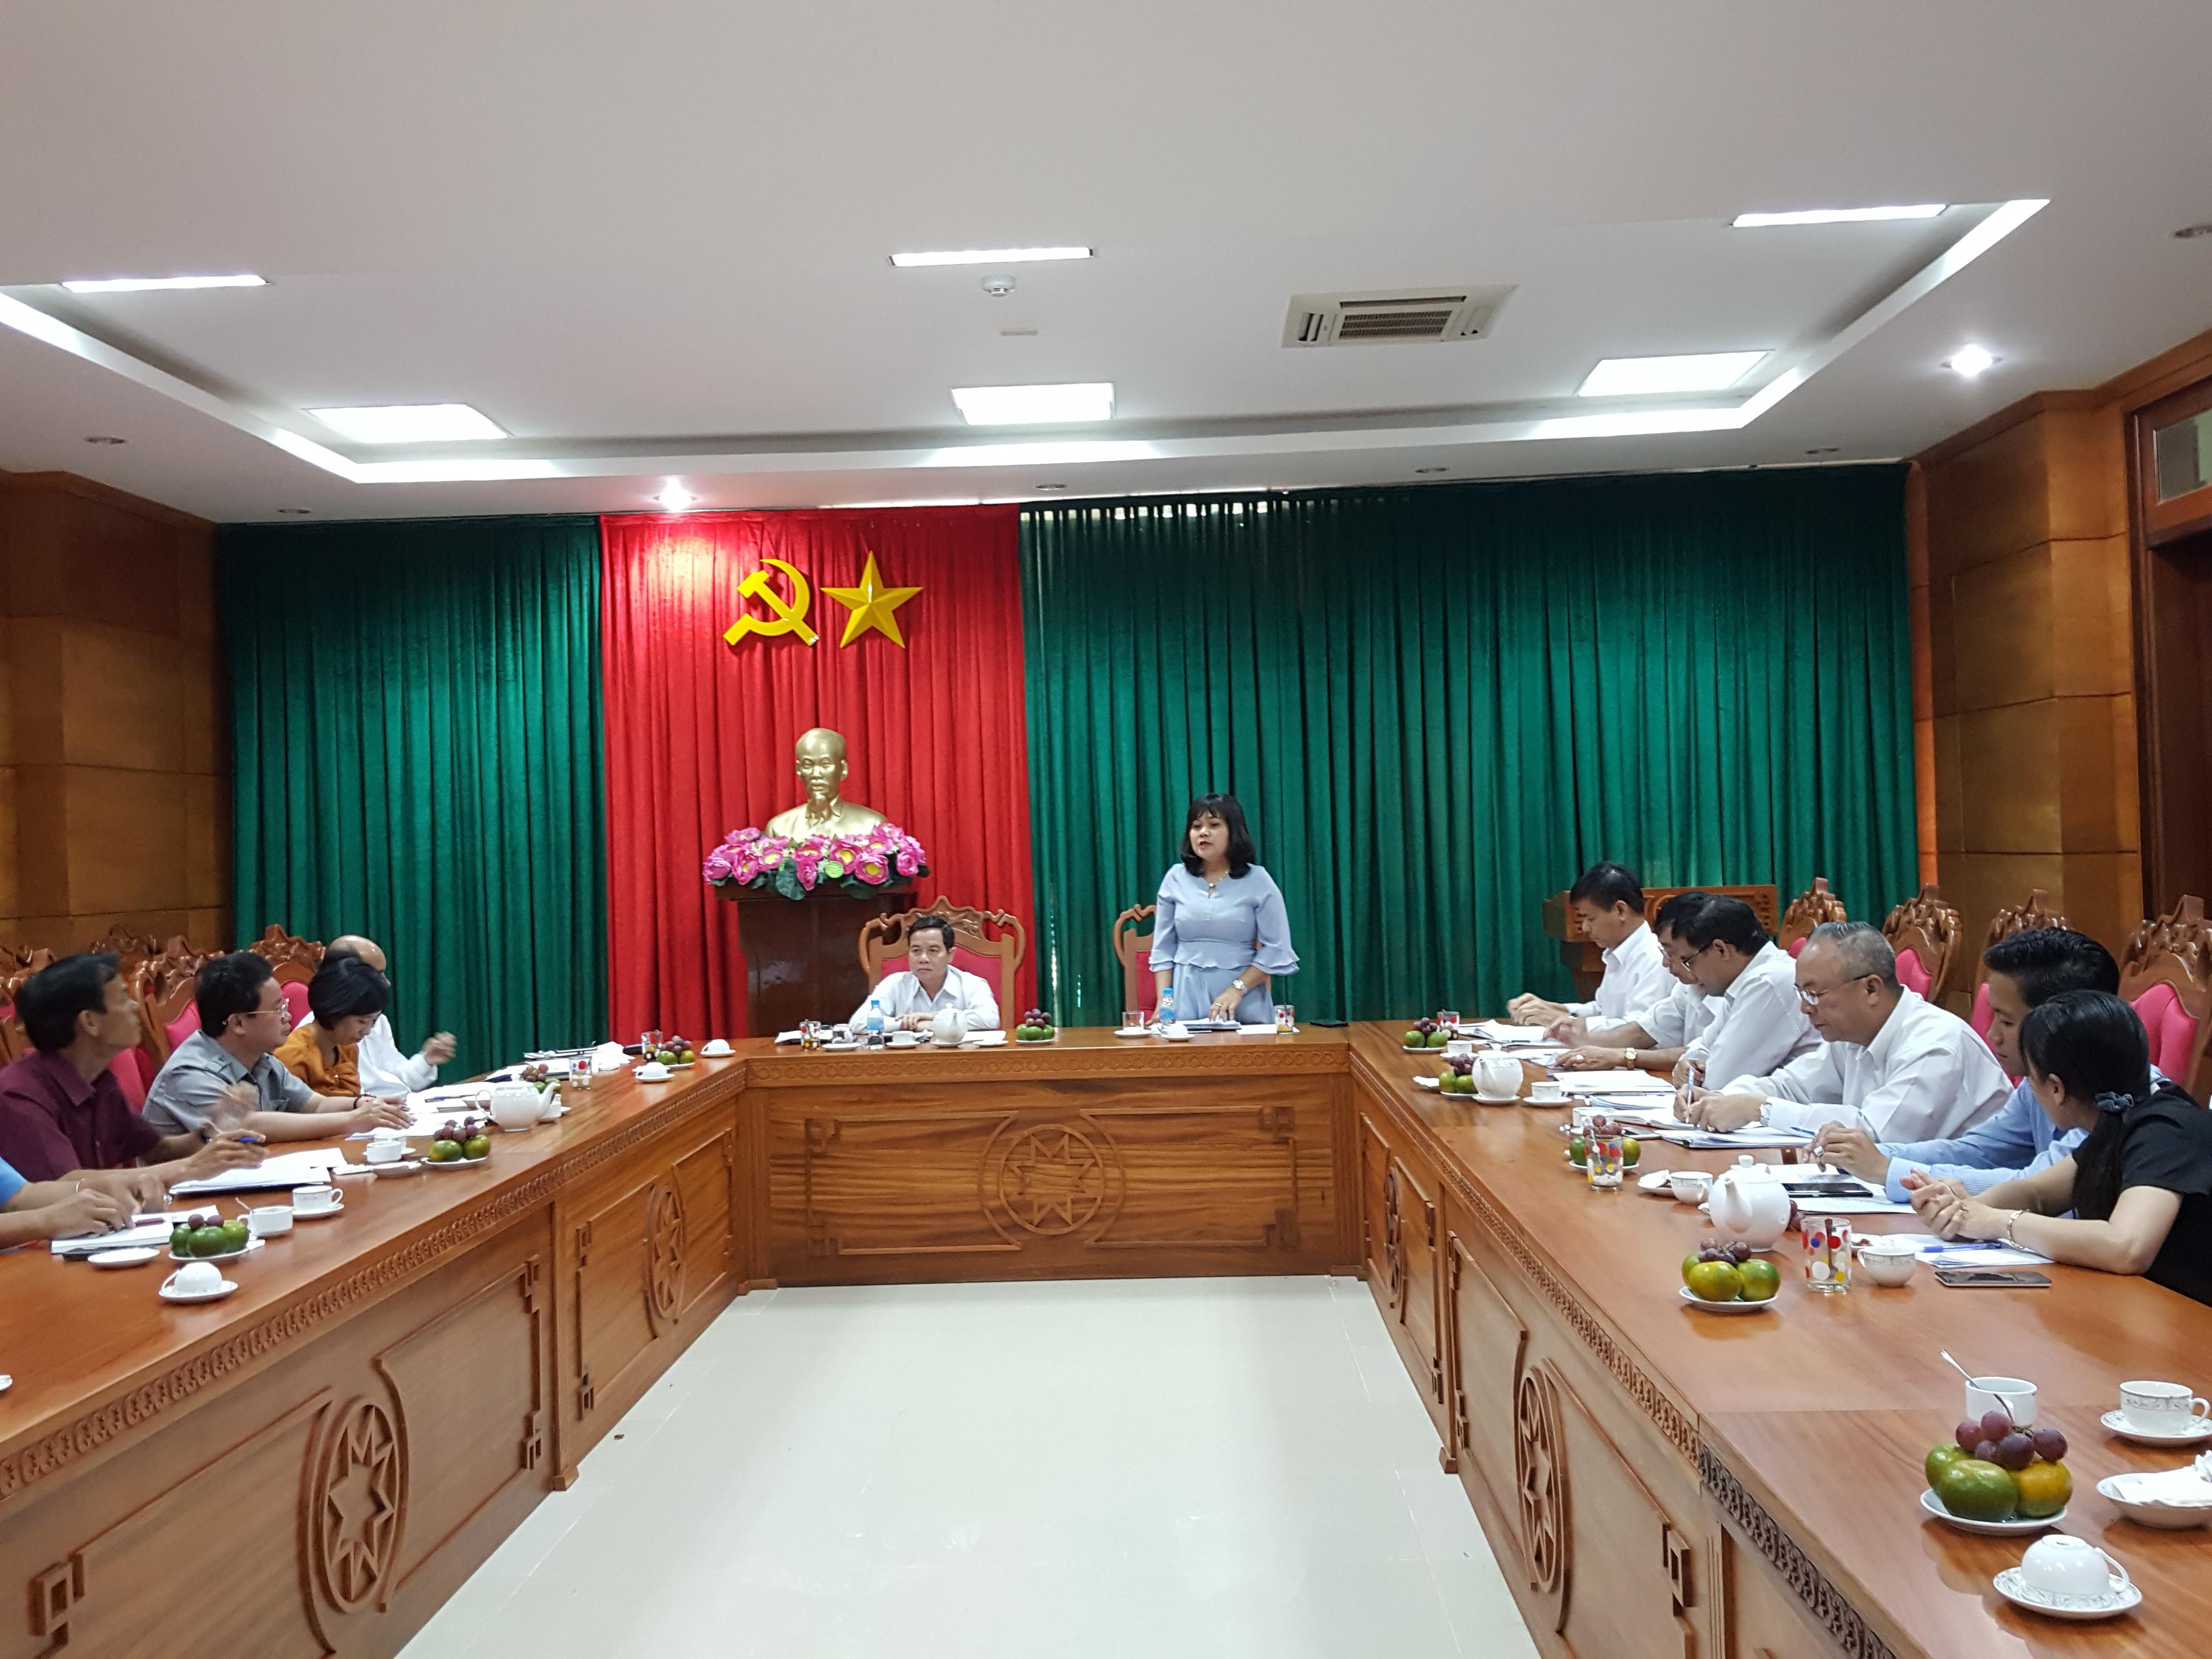 Đoàn kiểm tra thi đua, khen thưởng Trung ương làm việc tại Đắk Lắk